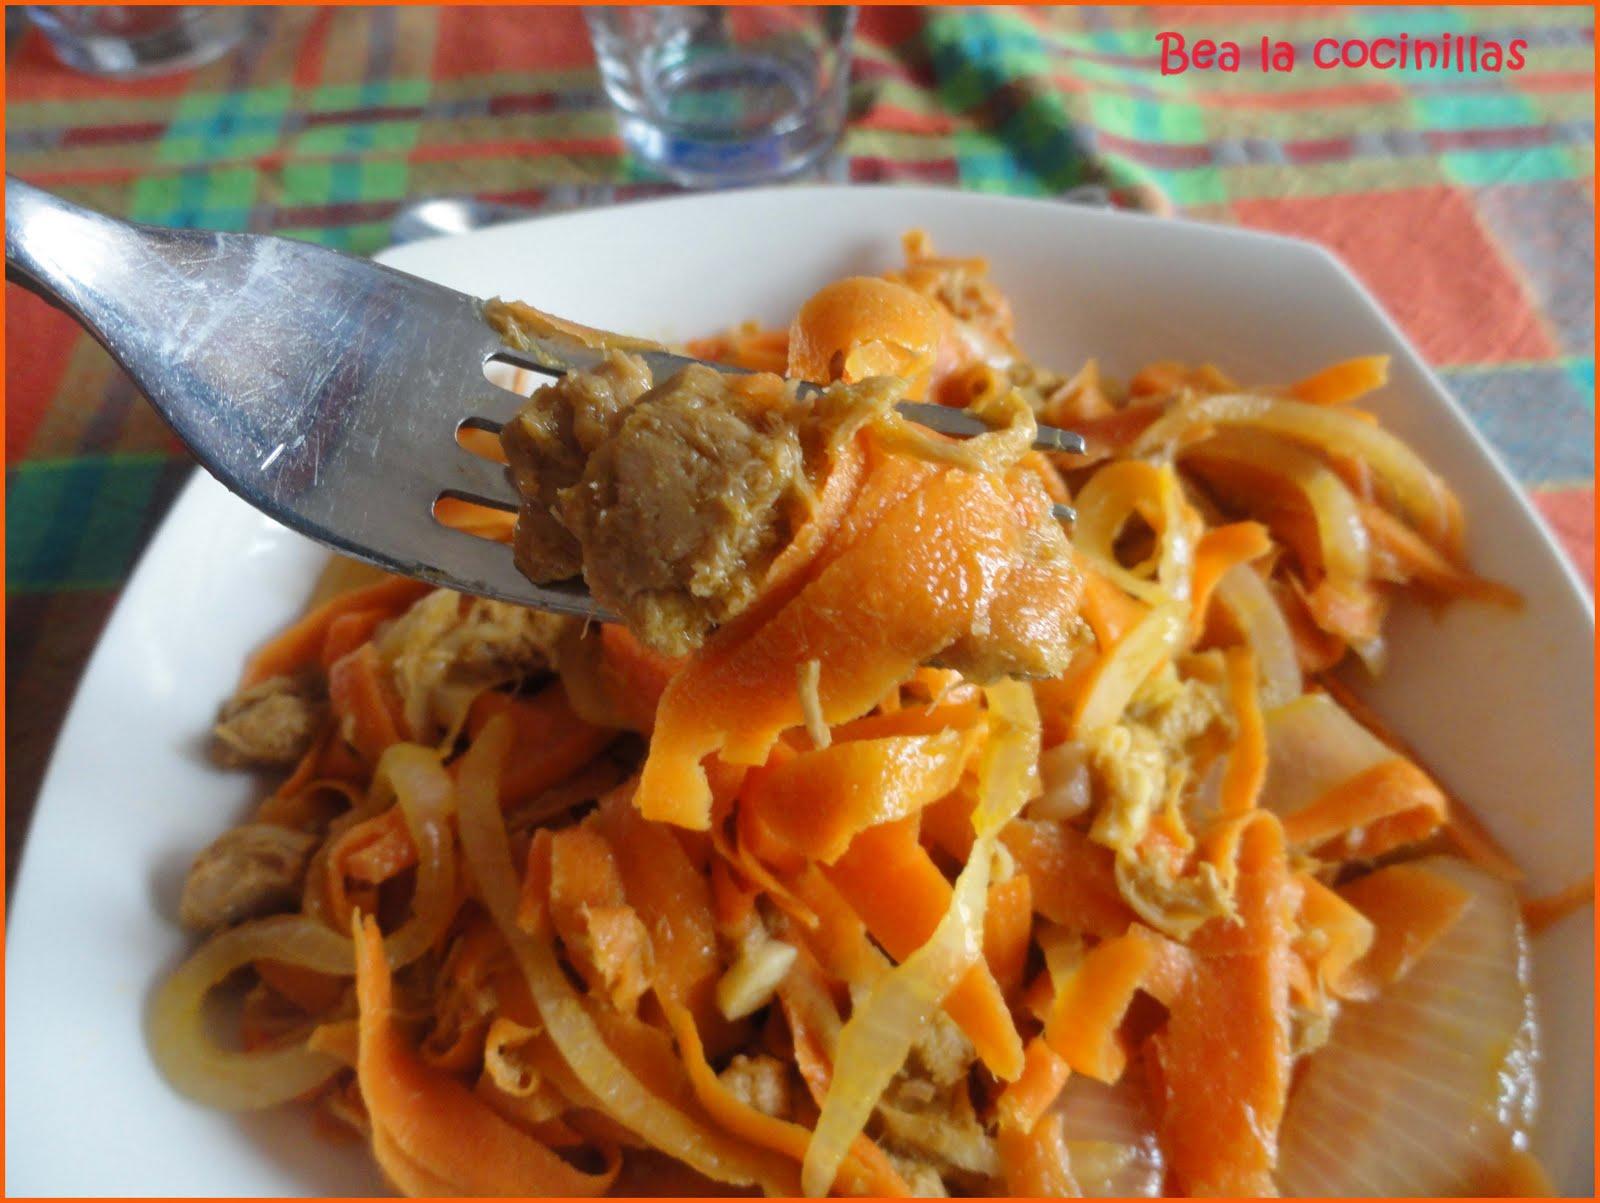 Bea la cocinillas ensalada de at n y zanahoria - Ensalada de zanahorias ...